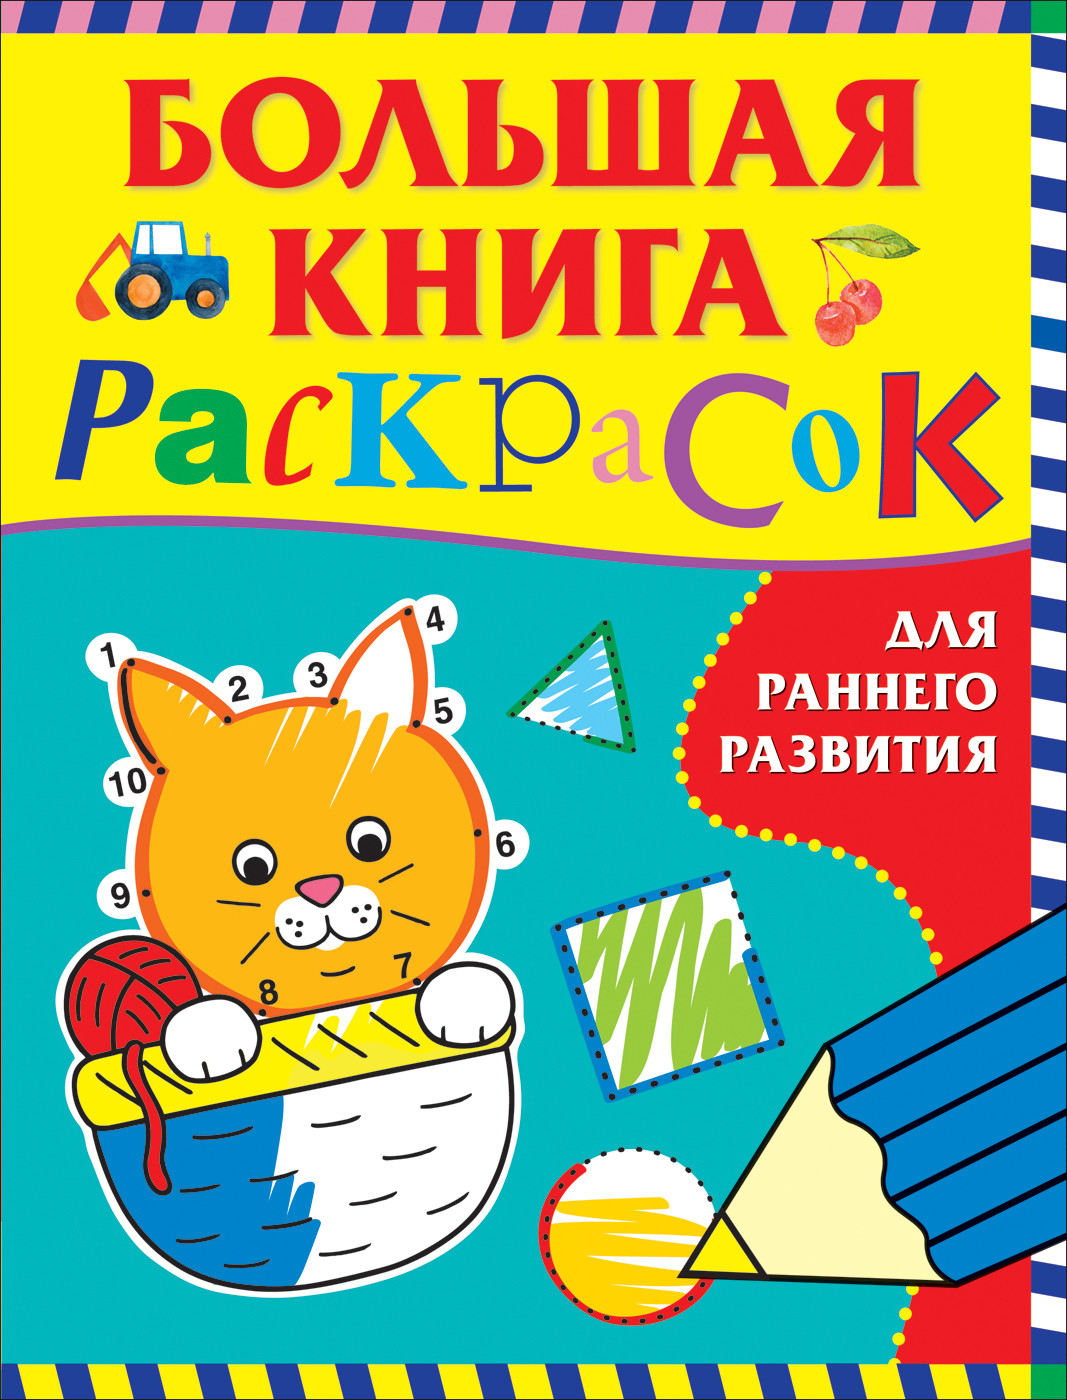 Раскраска Большая книга раскрасок для раннего развития